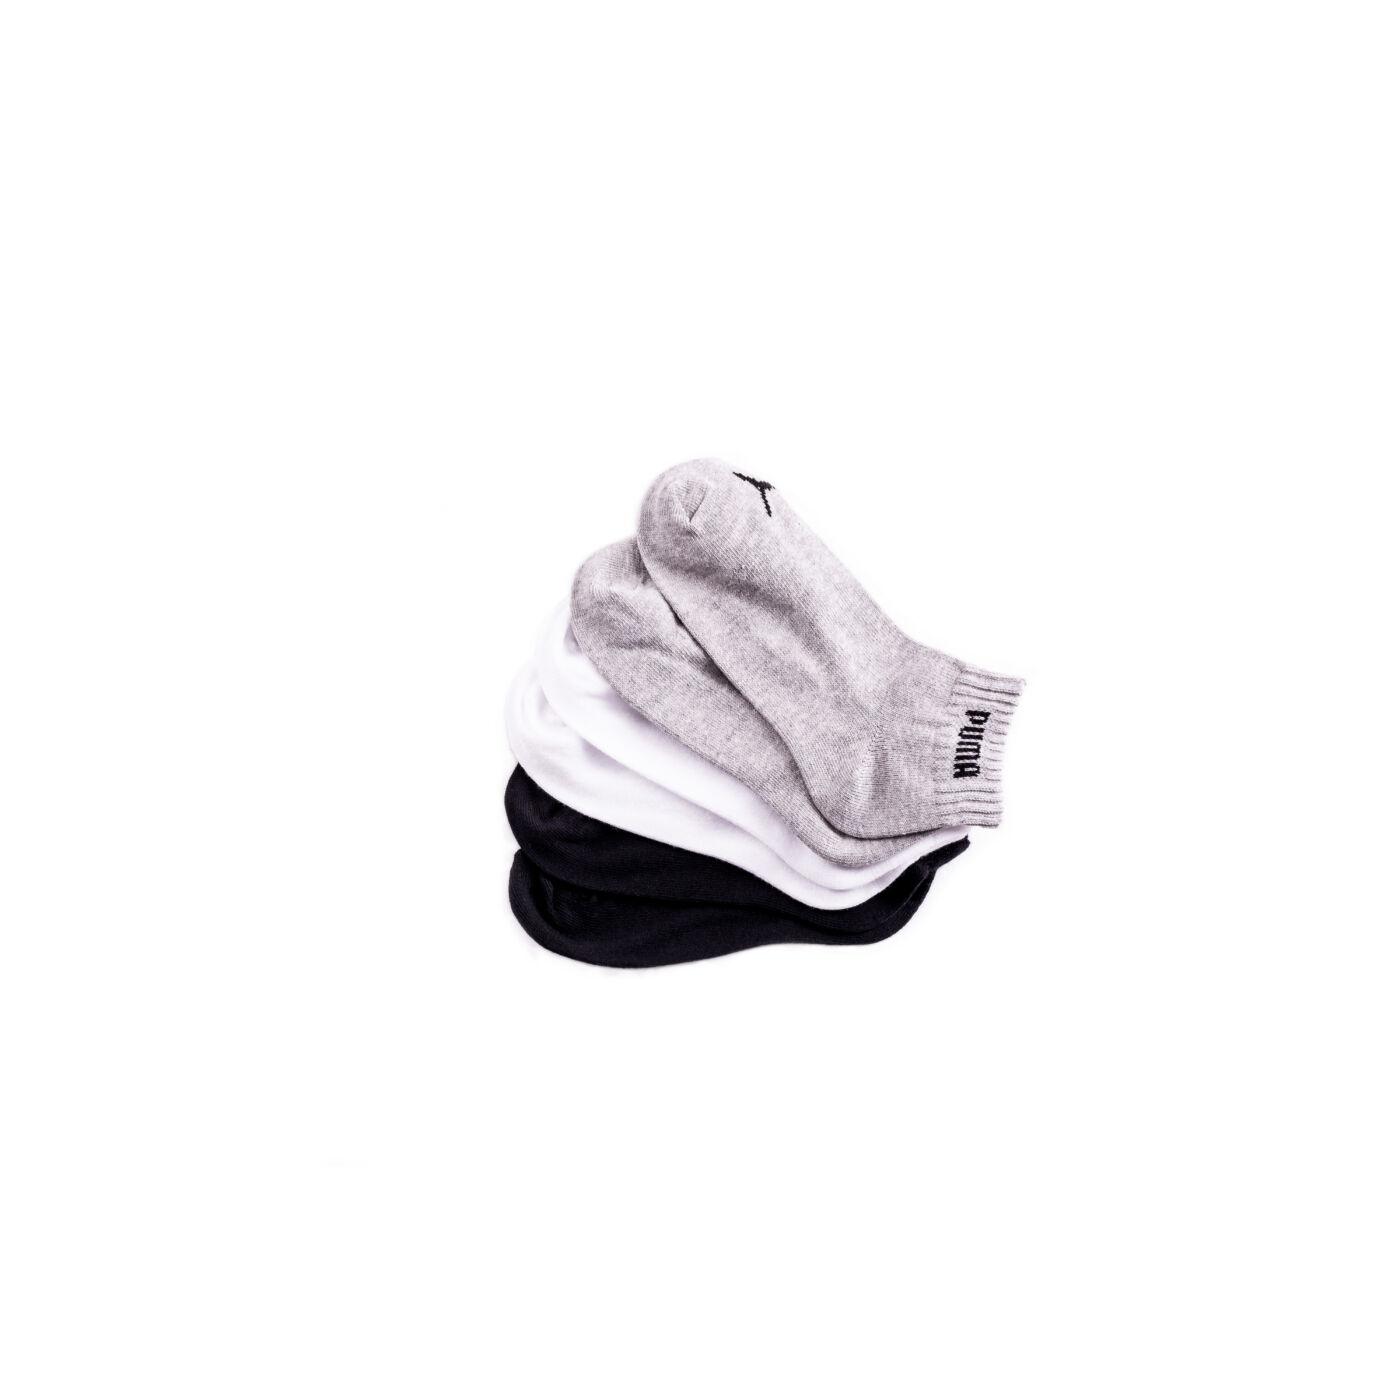 Puma unisex pamut zokni - 3 pár - rövid állású zoknik - 39-42 - fekete, fehér, szürke